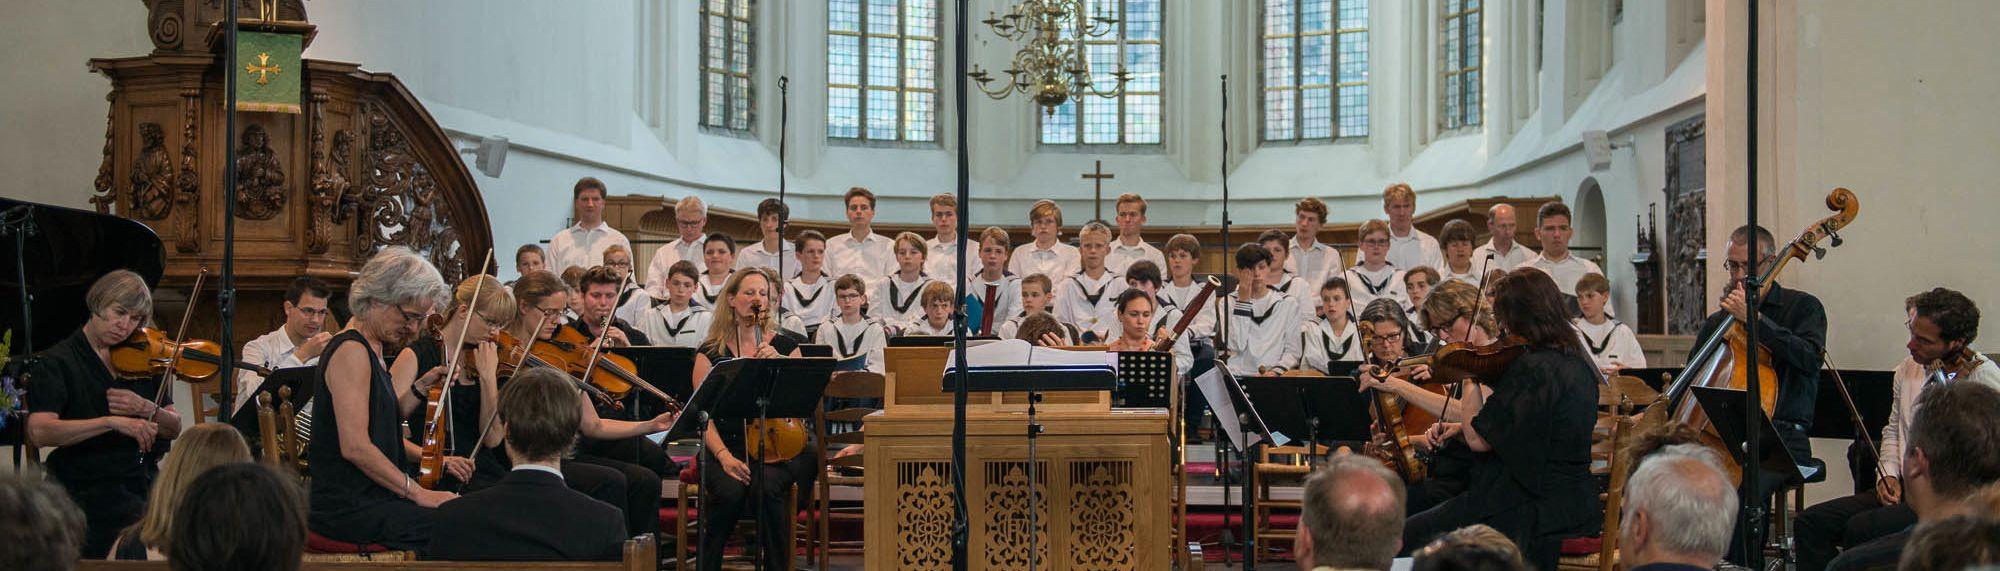 Kerstconcert i.s.m. Residentieorkest @ Nieuwe Kerk Den Haag